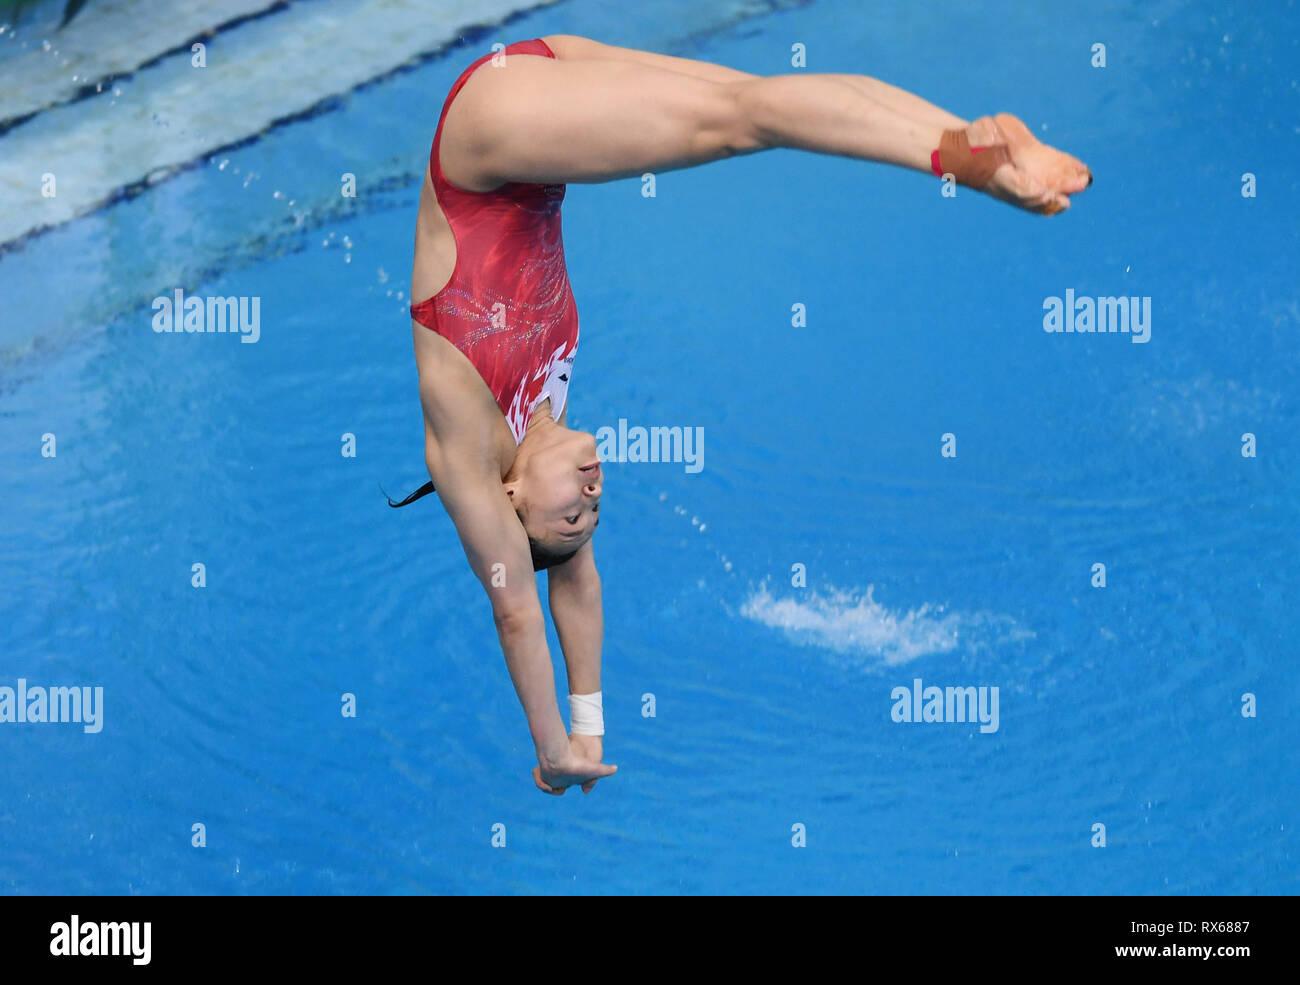 Beijing, China  8th Mar, 2019  China's Wang Han competes